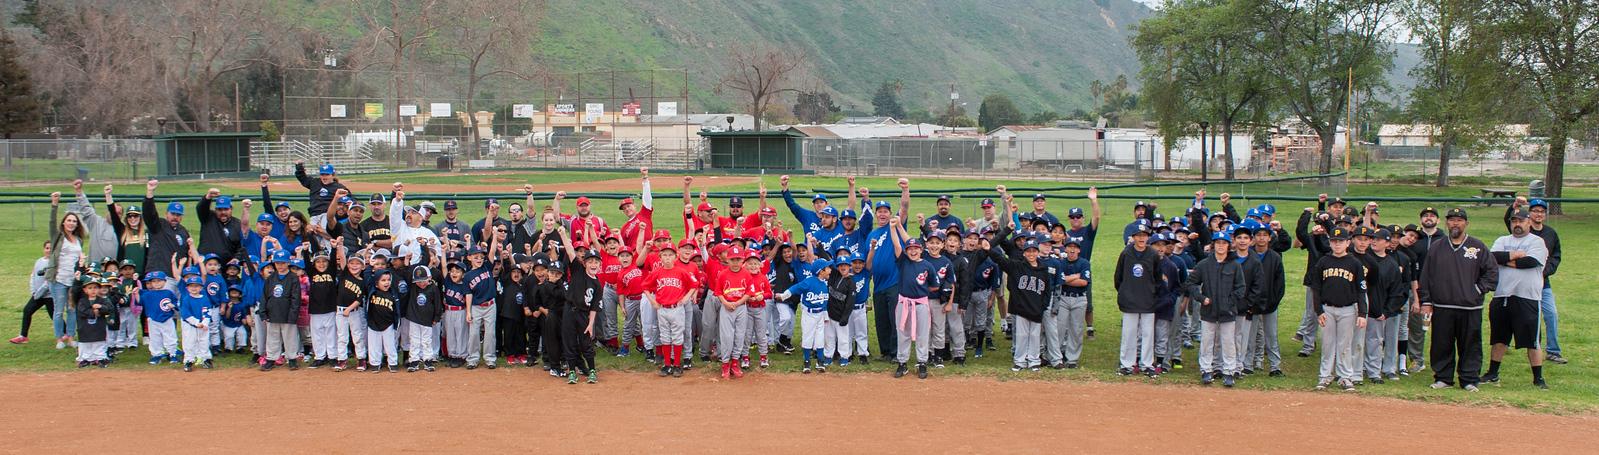 Ventura Coast Youth Baseball/Pony League